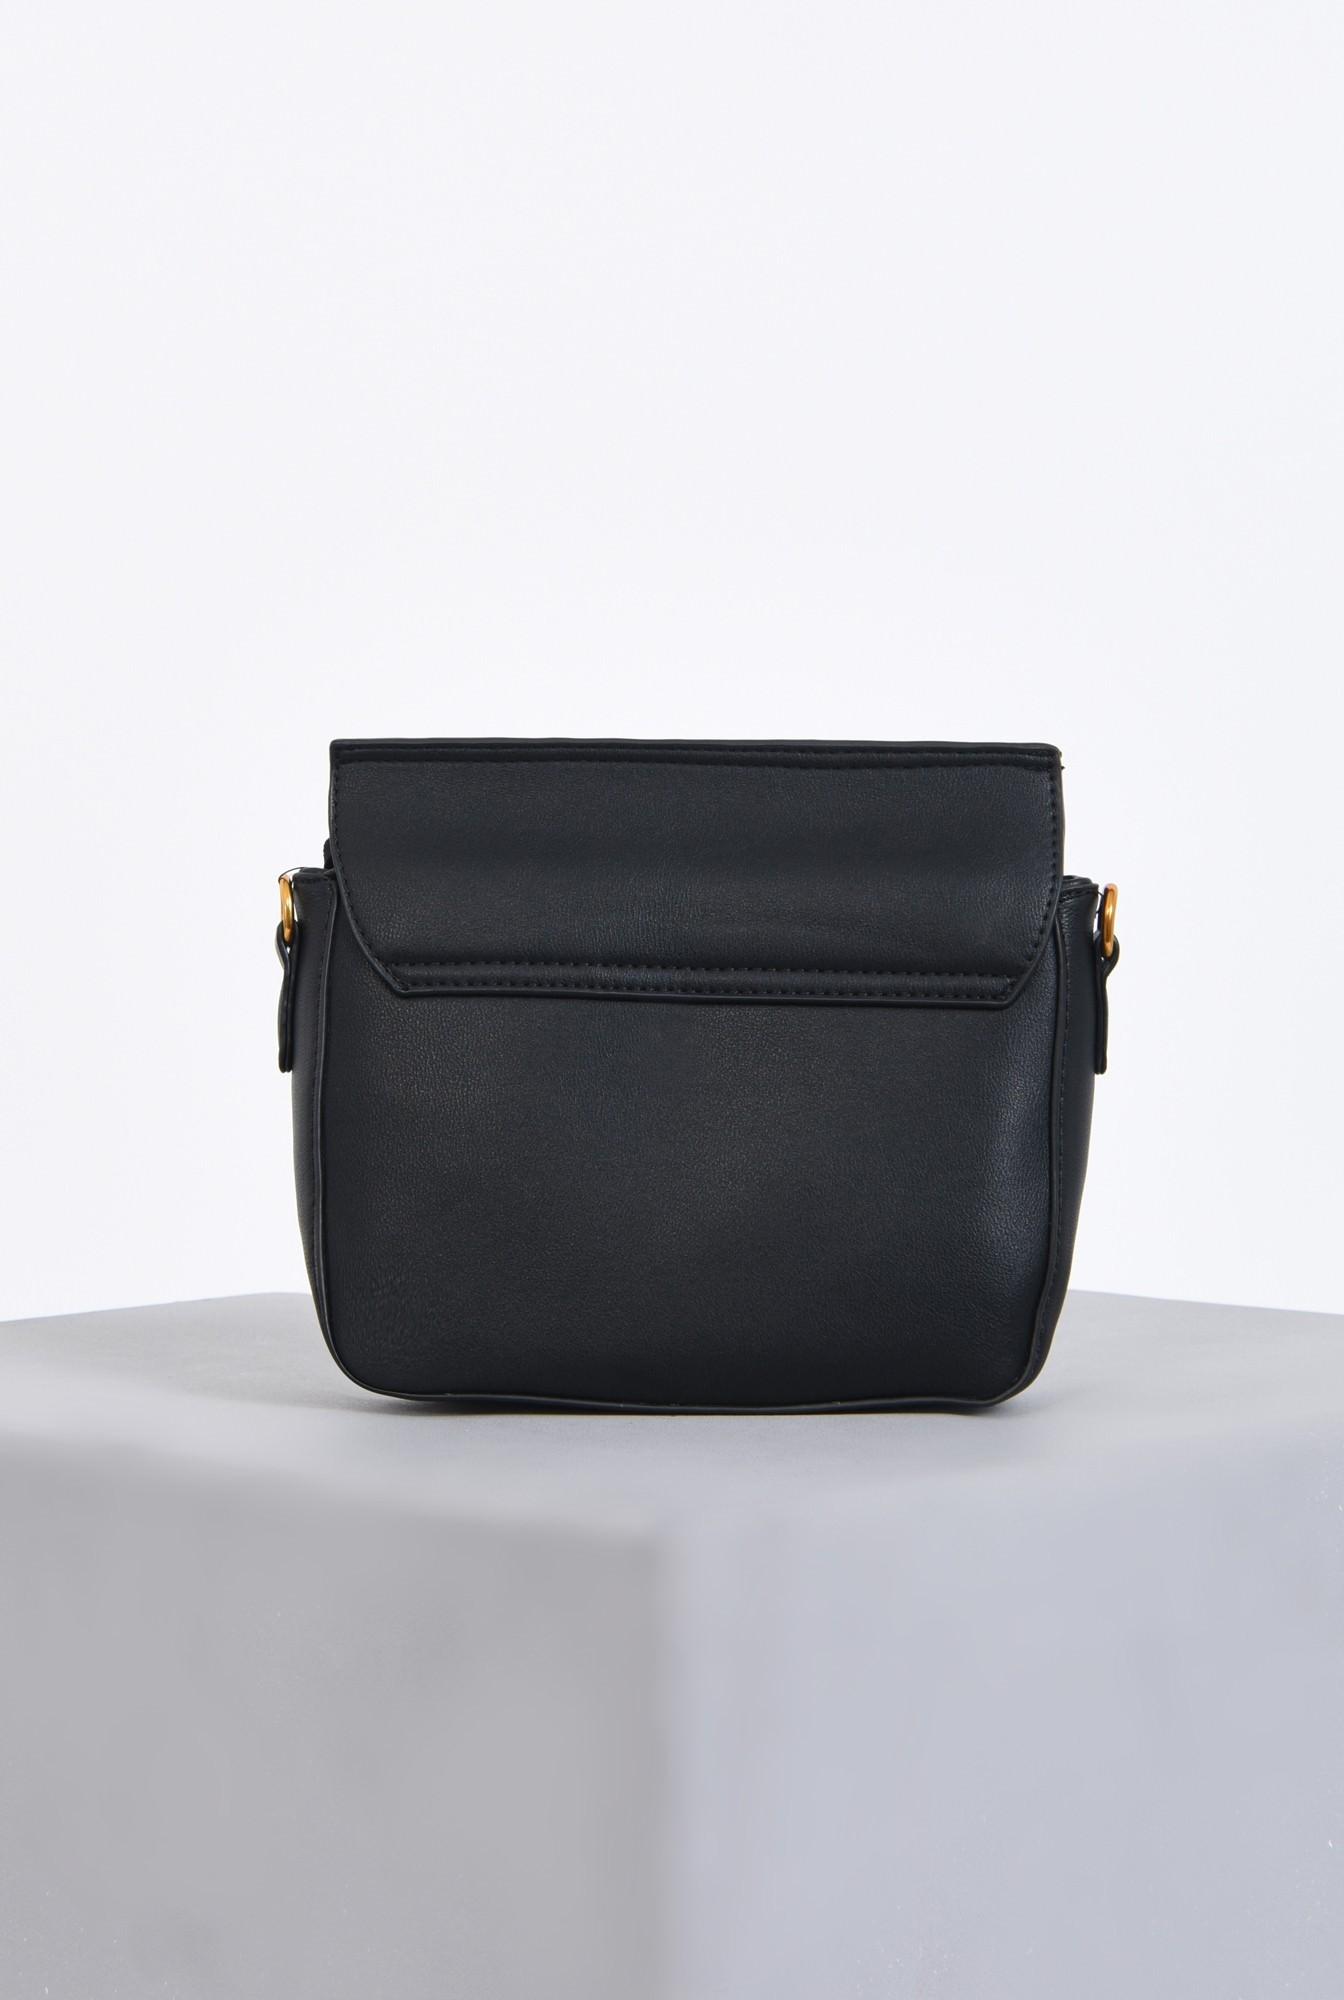 2 - geanta casual, mini, bareta detasabila, negru